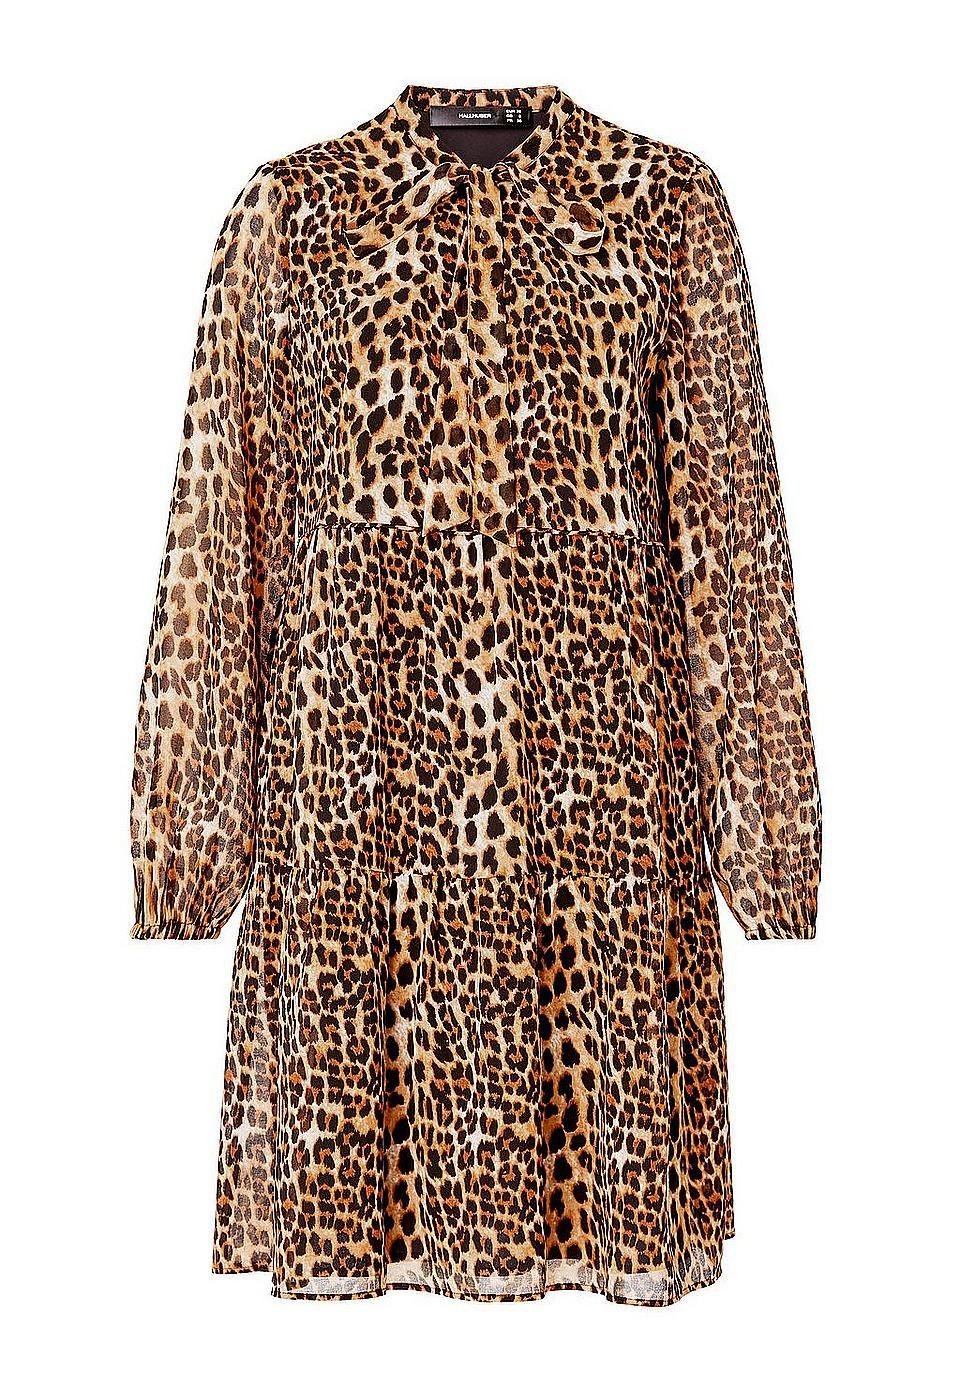 HALLHUBER A-Linien-Kleid #animalprint #leoprint #leopardenmuster